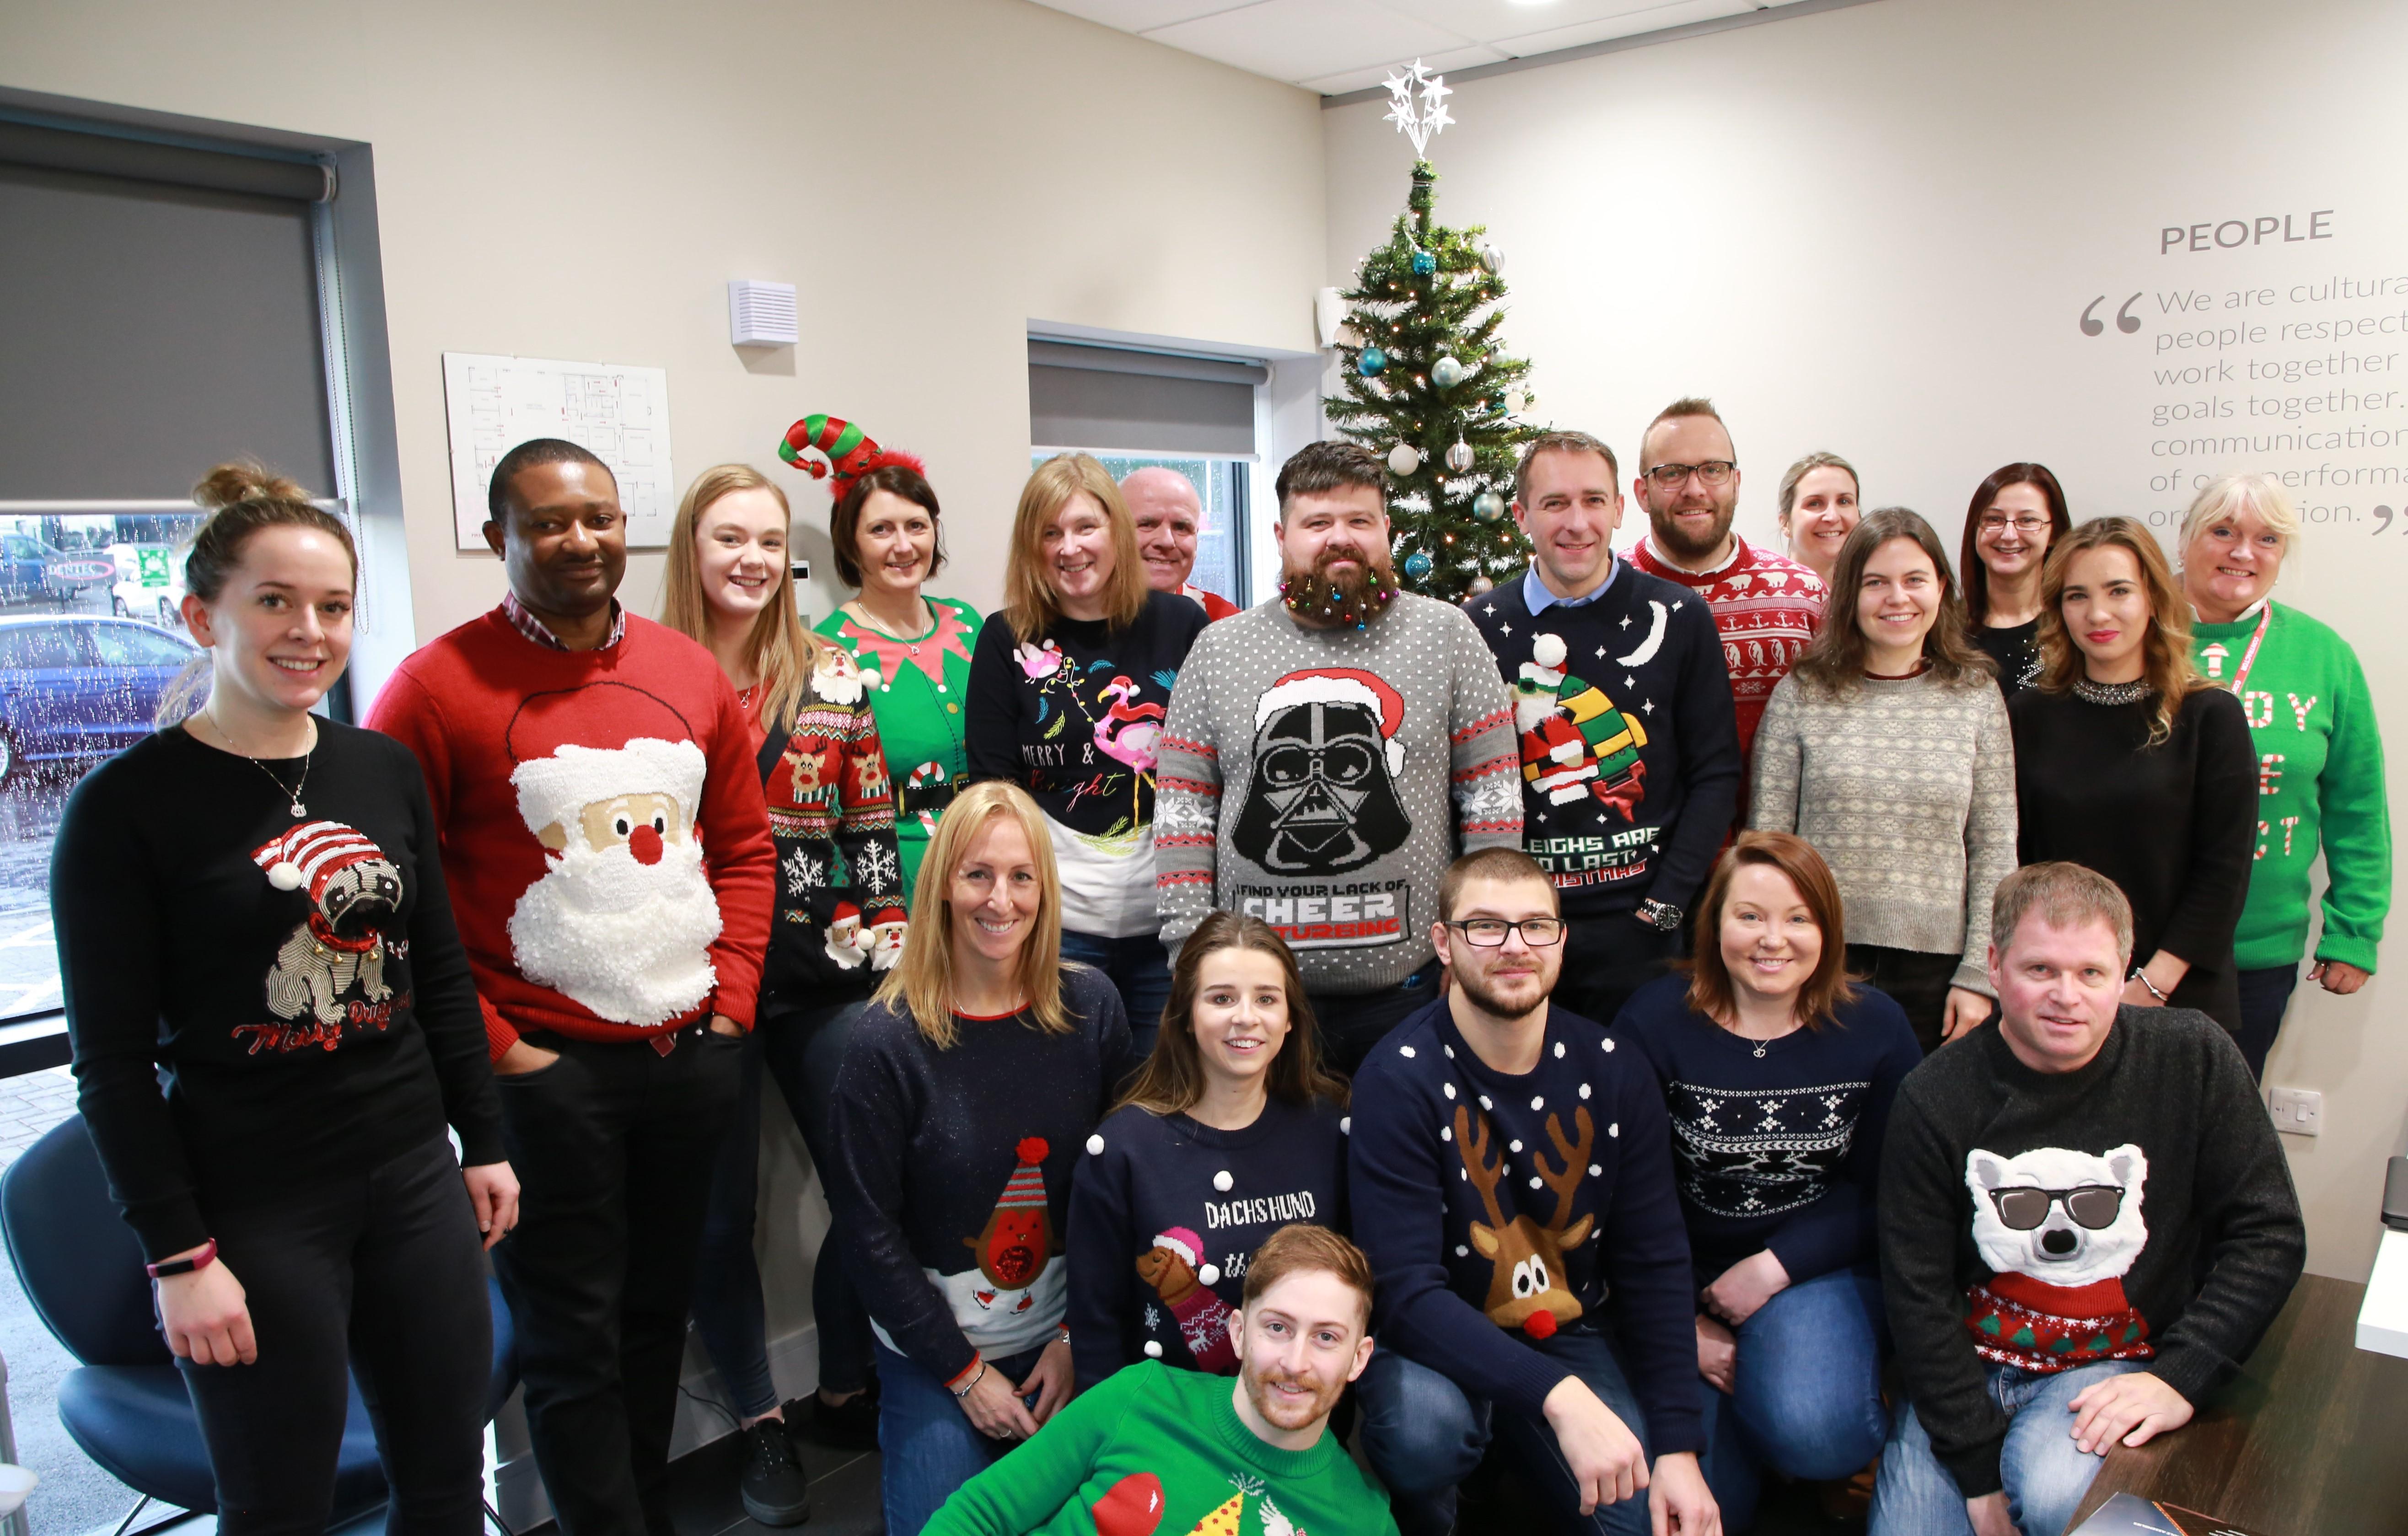 Tendeka team wearing their Christmas jumpers